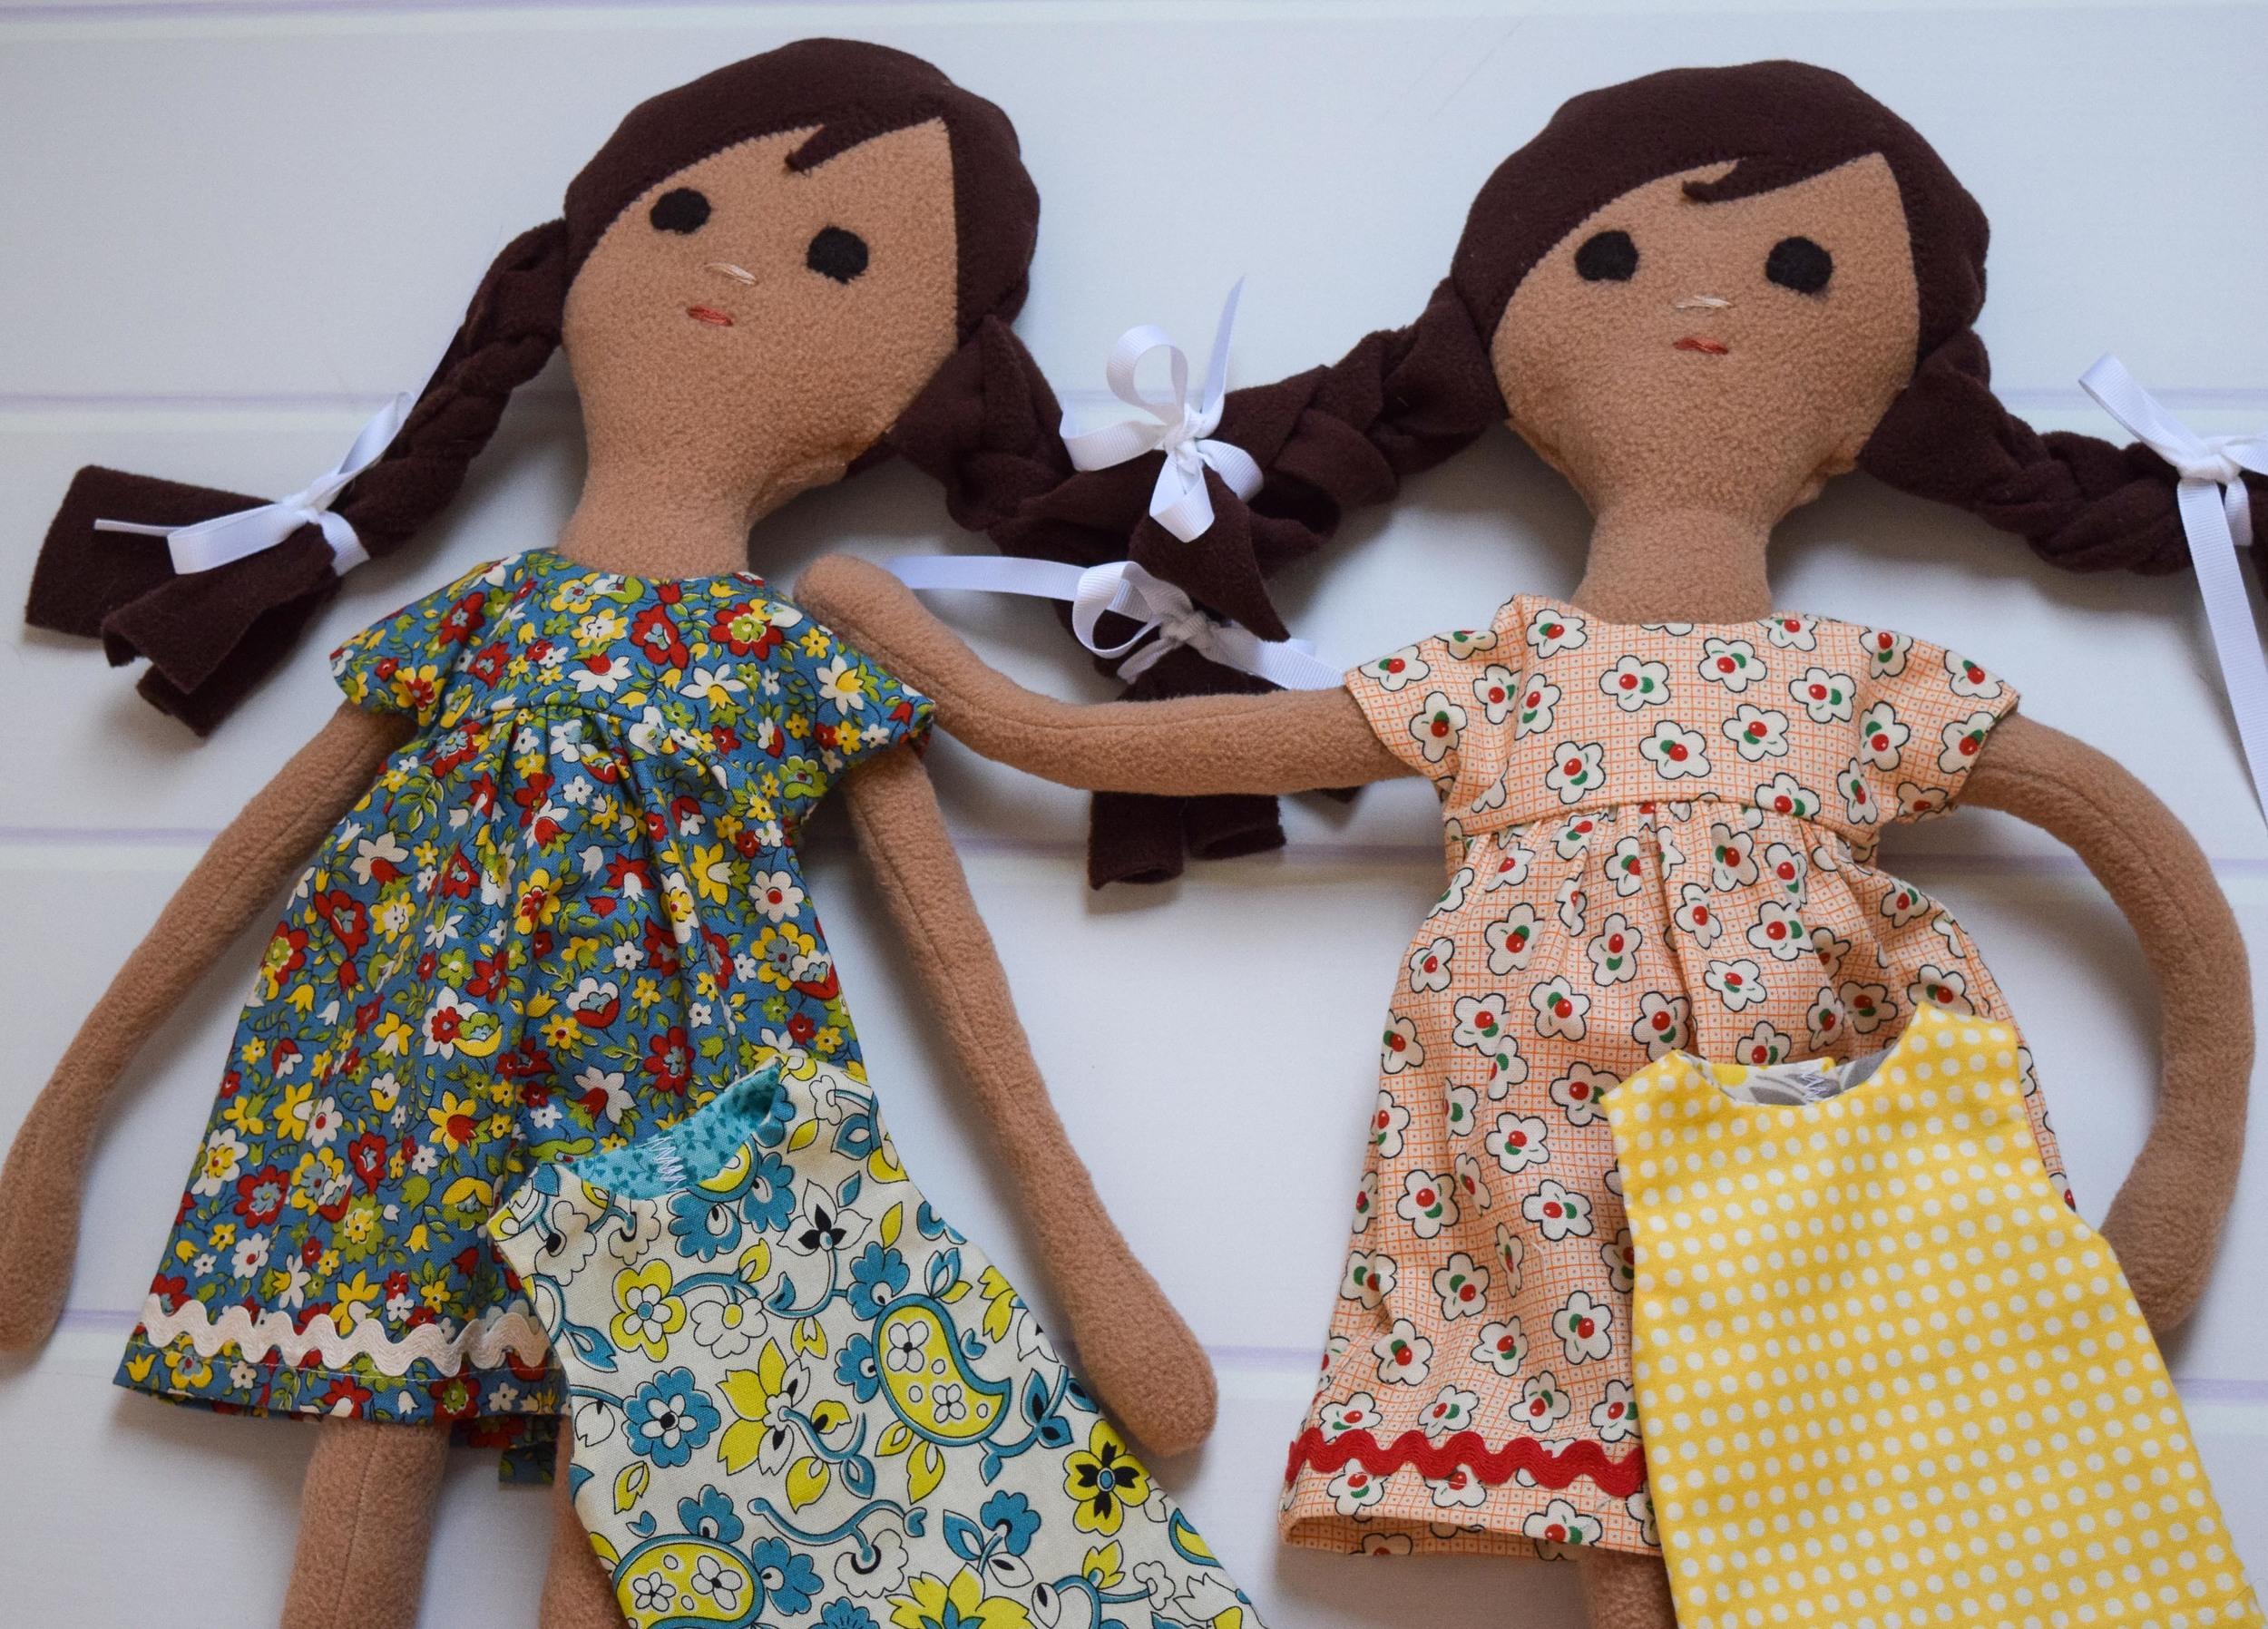 Dolls for Children in Family Promise